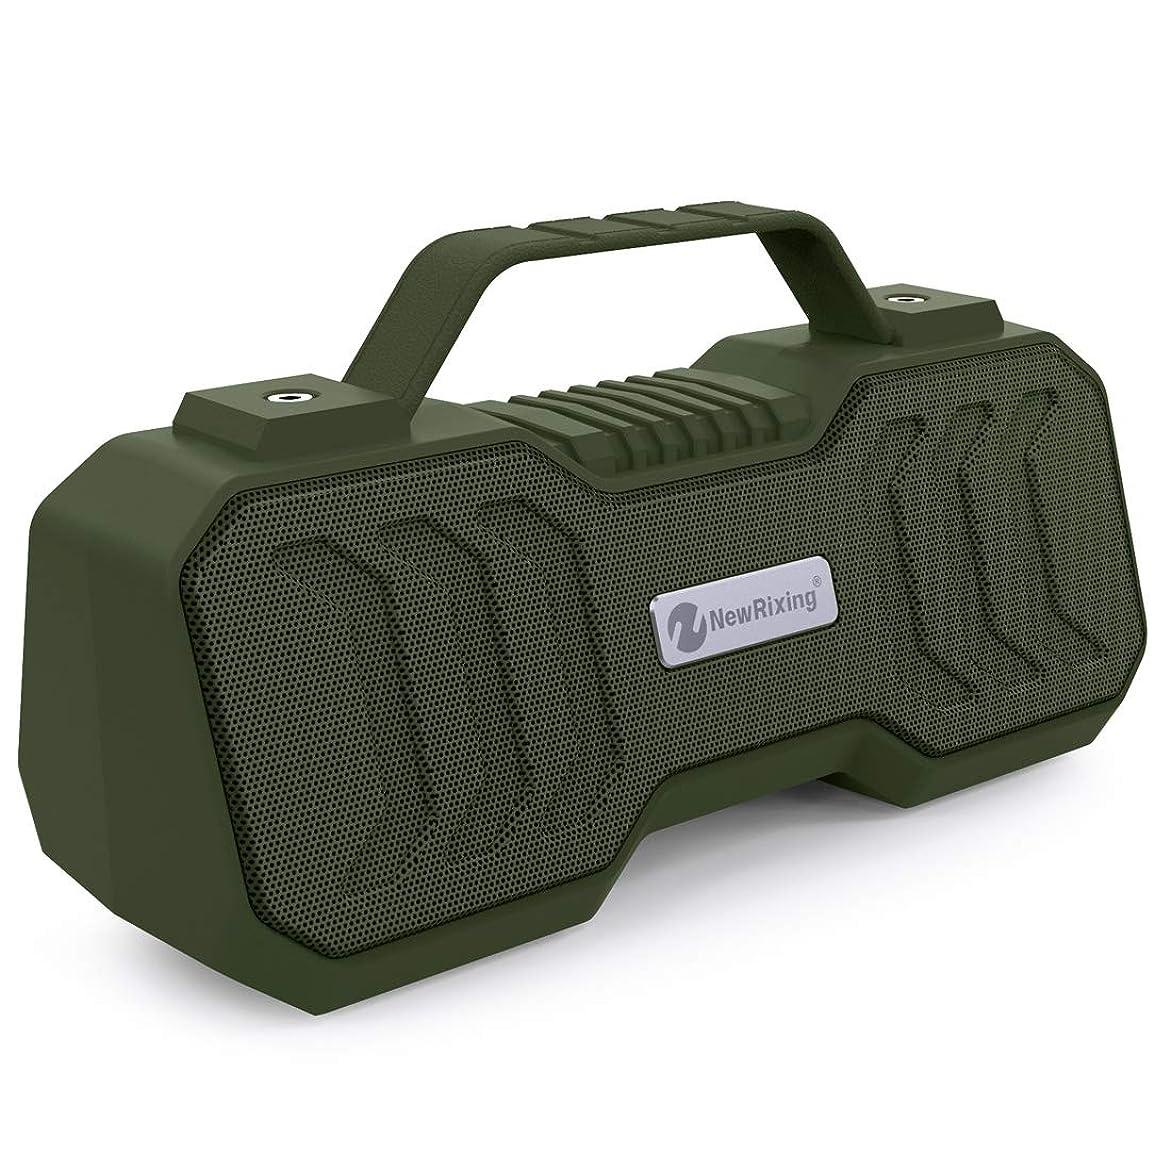 観光うがい比類のないZYIS Bluetoothのポータブルスピーカー、ポータブルワイヤレスBluetoothステレオスピーカーサポートTWS/FM機能スピーカー(アーミーグリーン) (色 : Red)